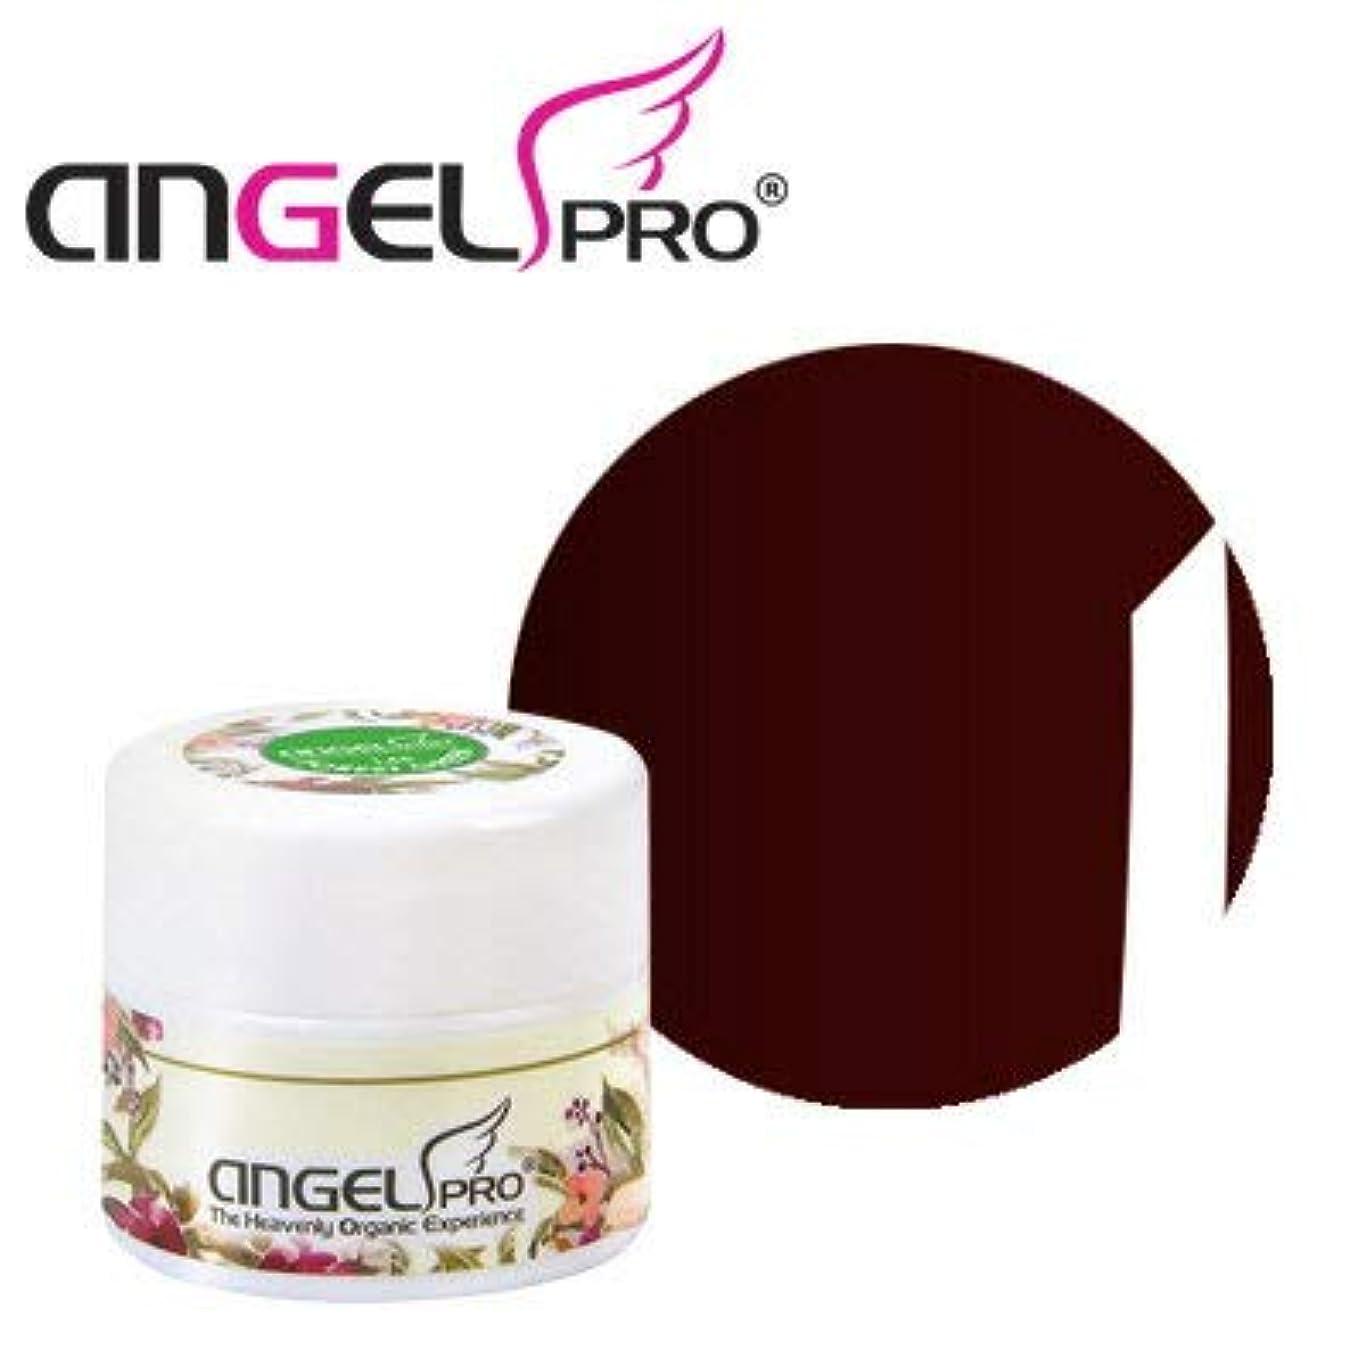 コーヒー直面する説教ANGEL PRO ポットジェリー #30 CHOCOLATE TRUFFLES 4g